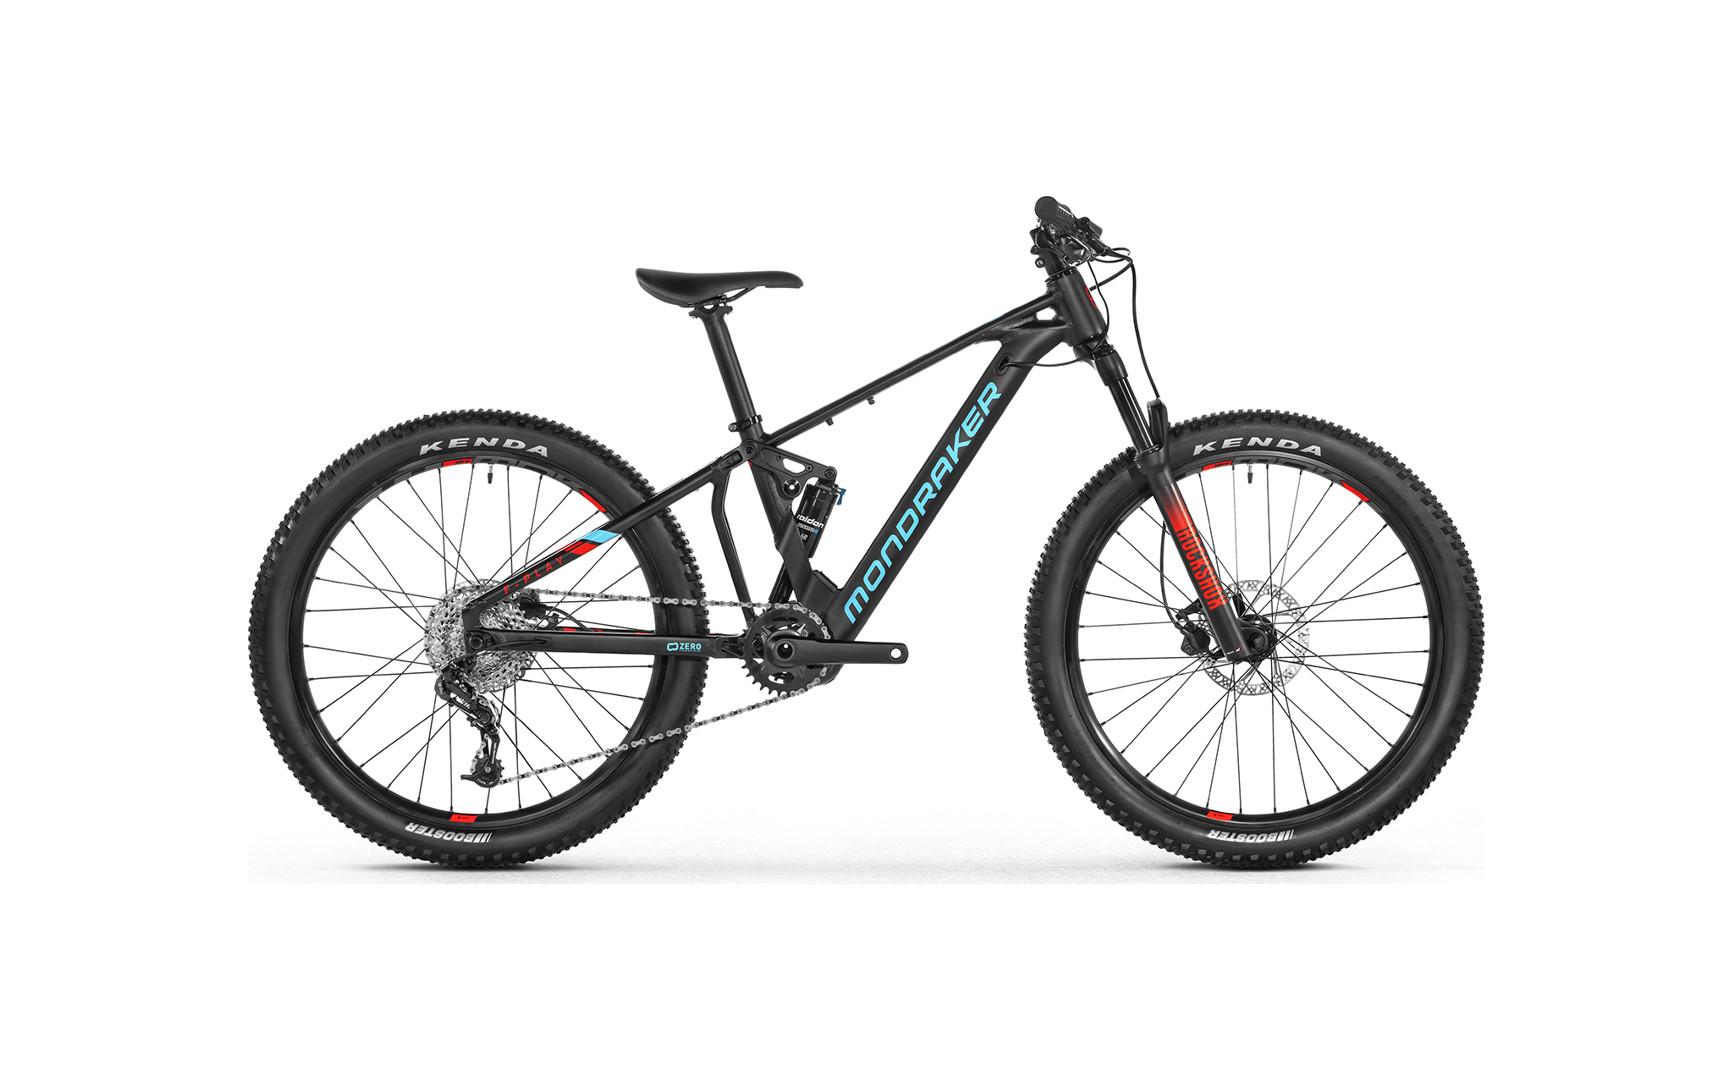 Mondraker battery bike for kids